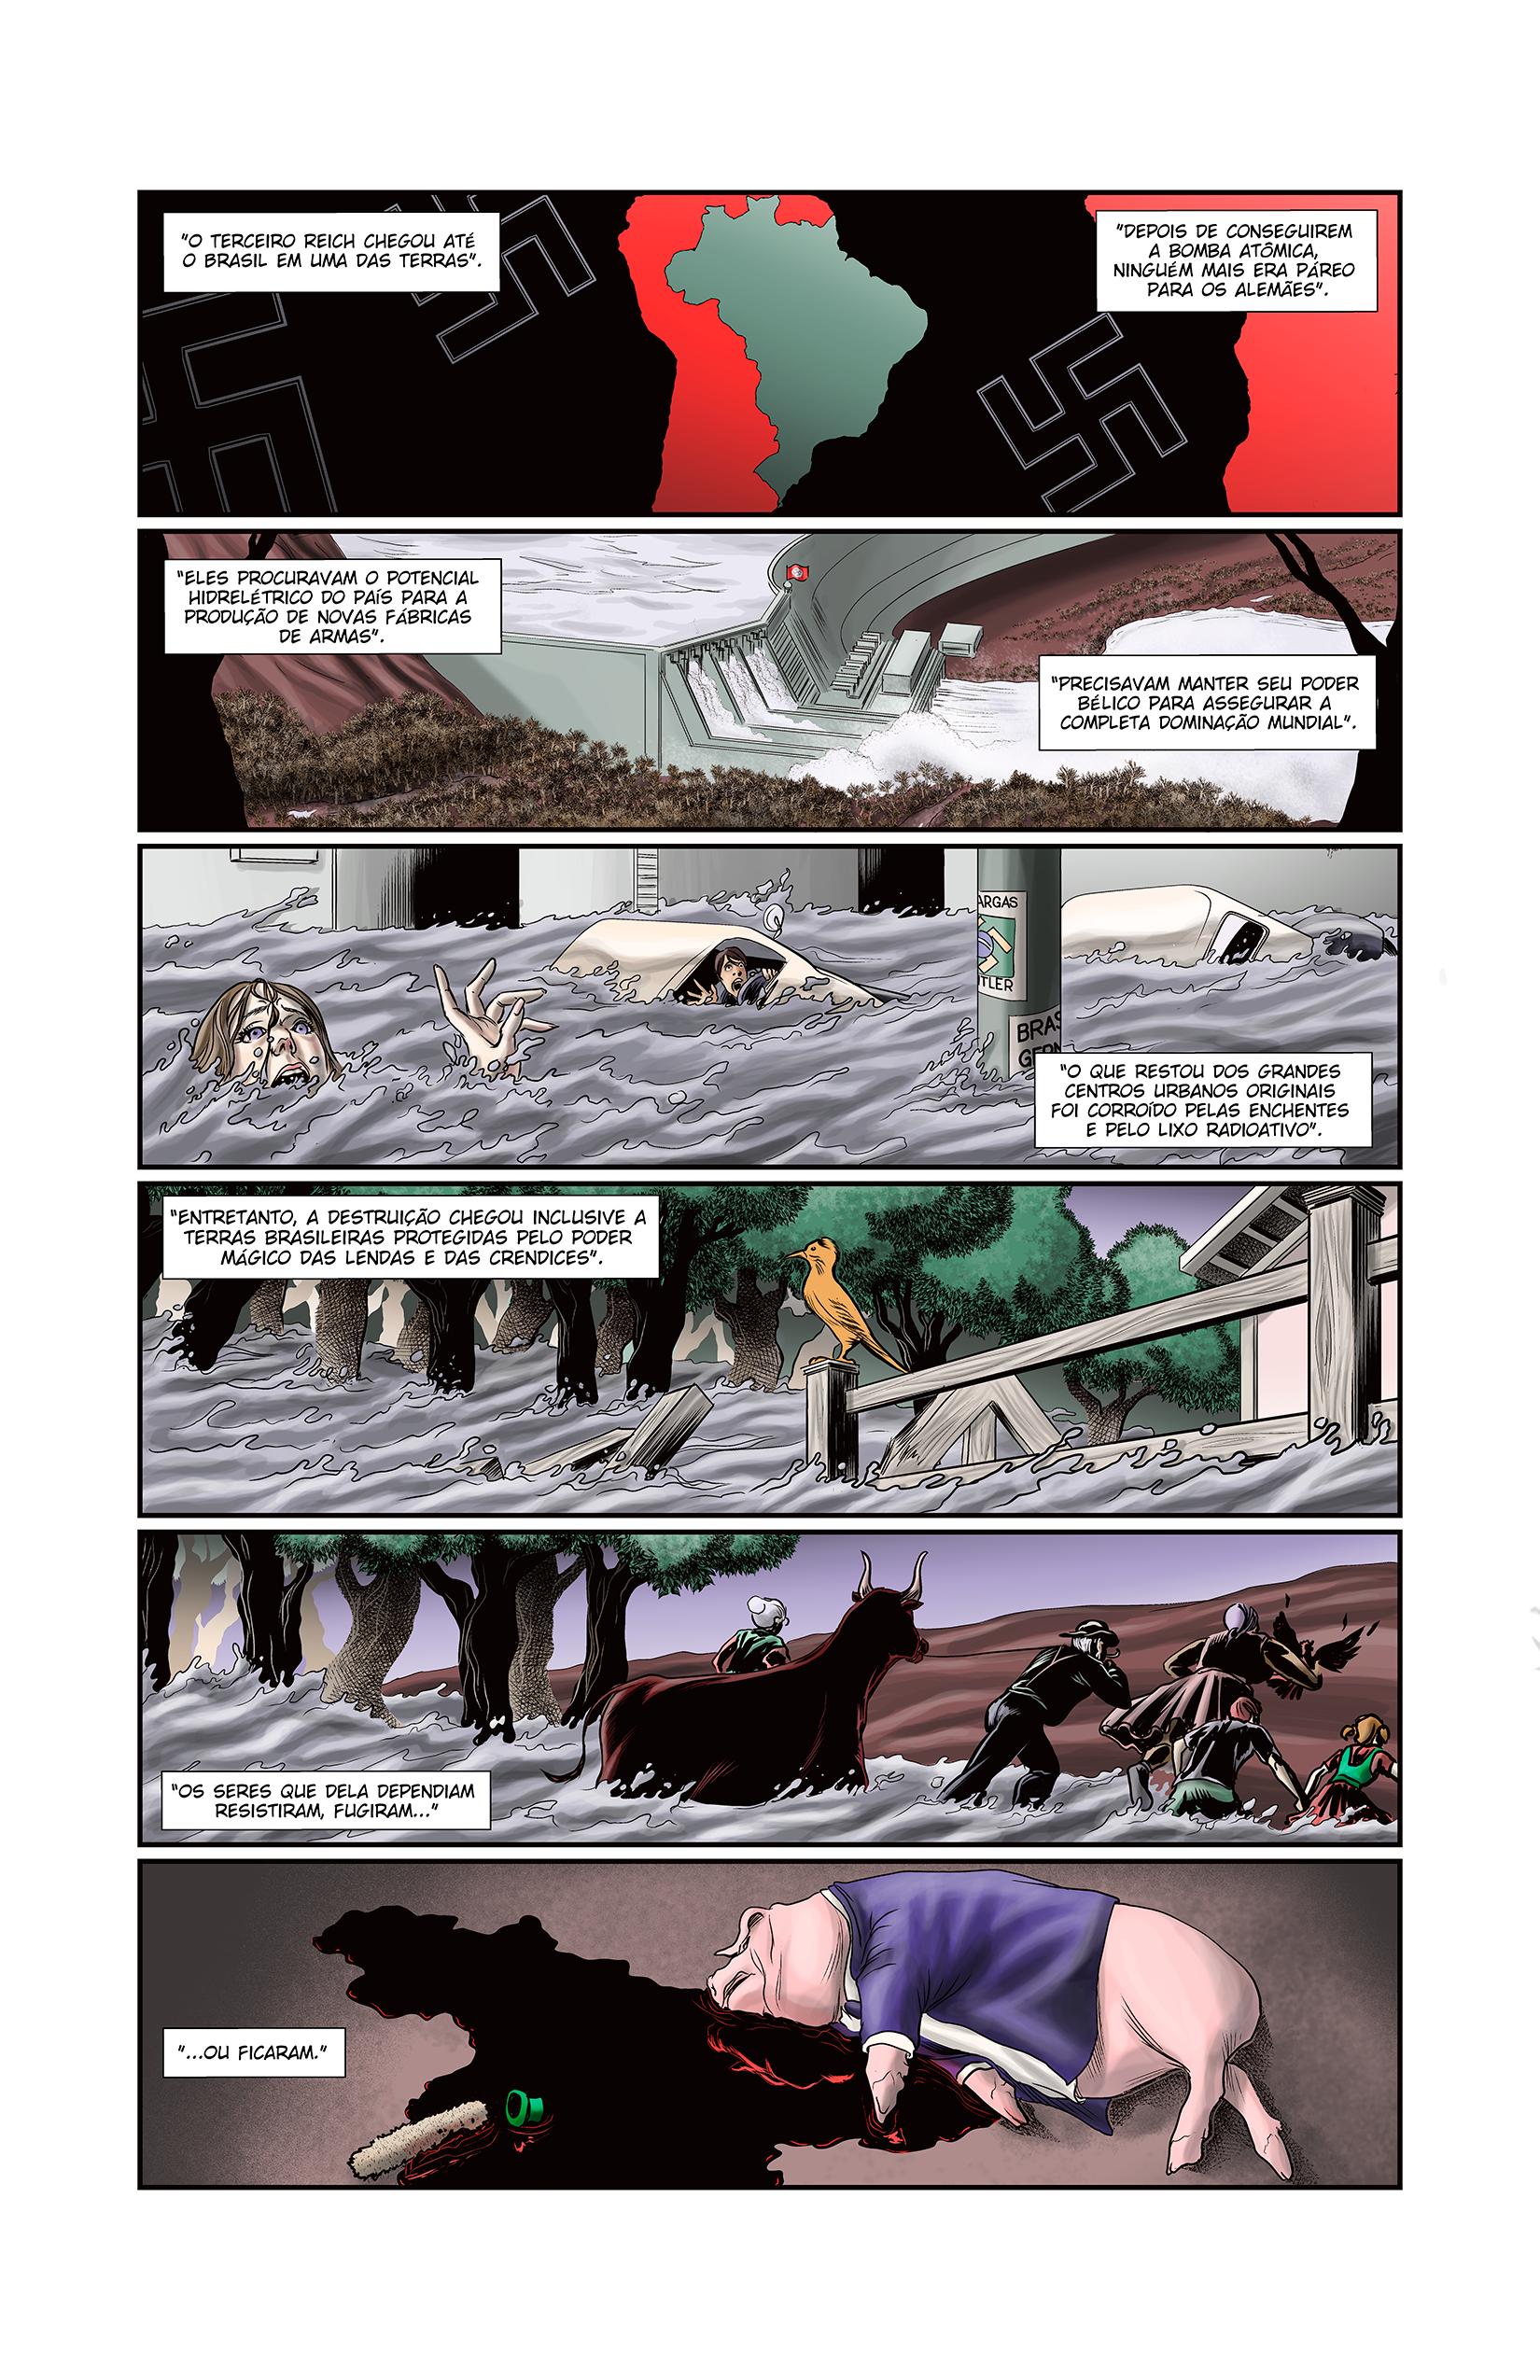 Página da história de introdução da antologia O RANCHO DO CORVO DOURADO.